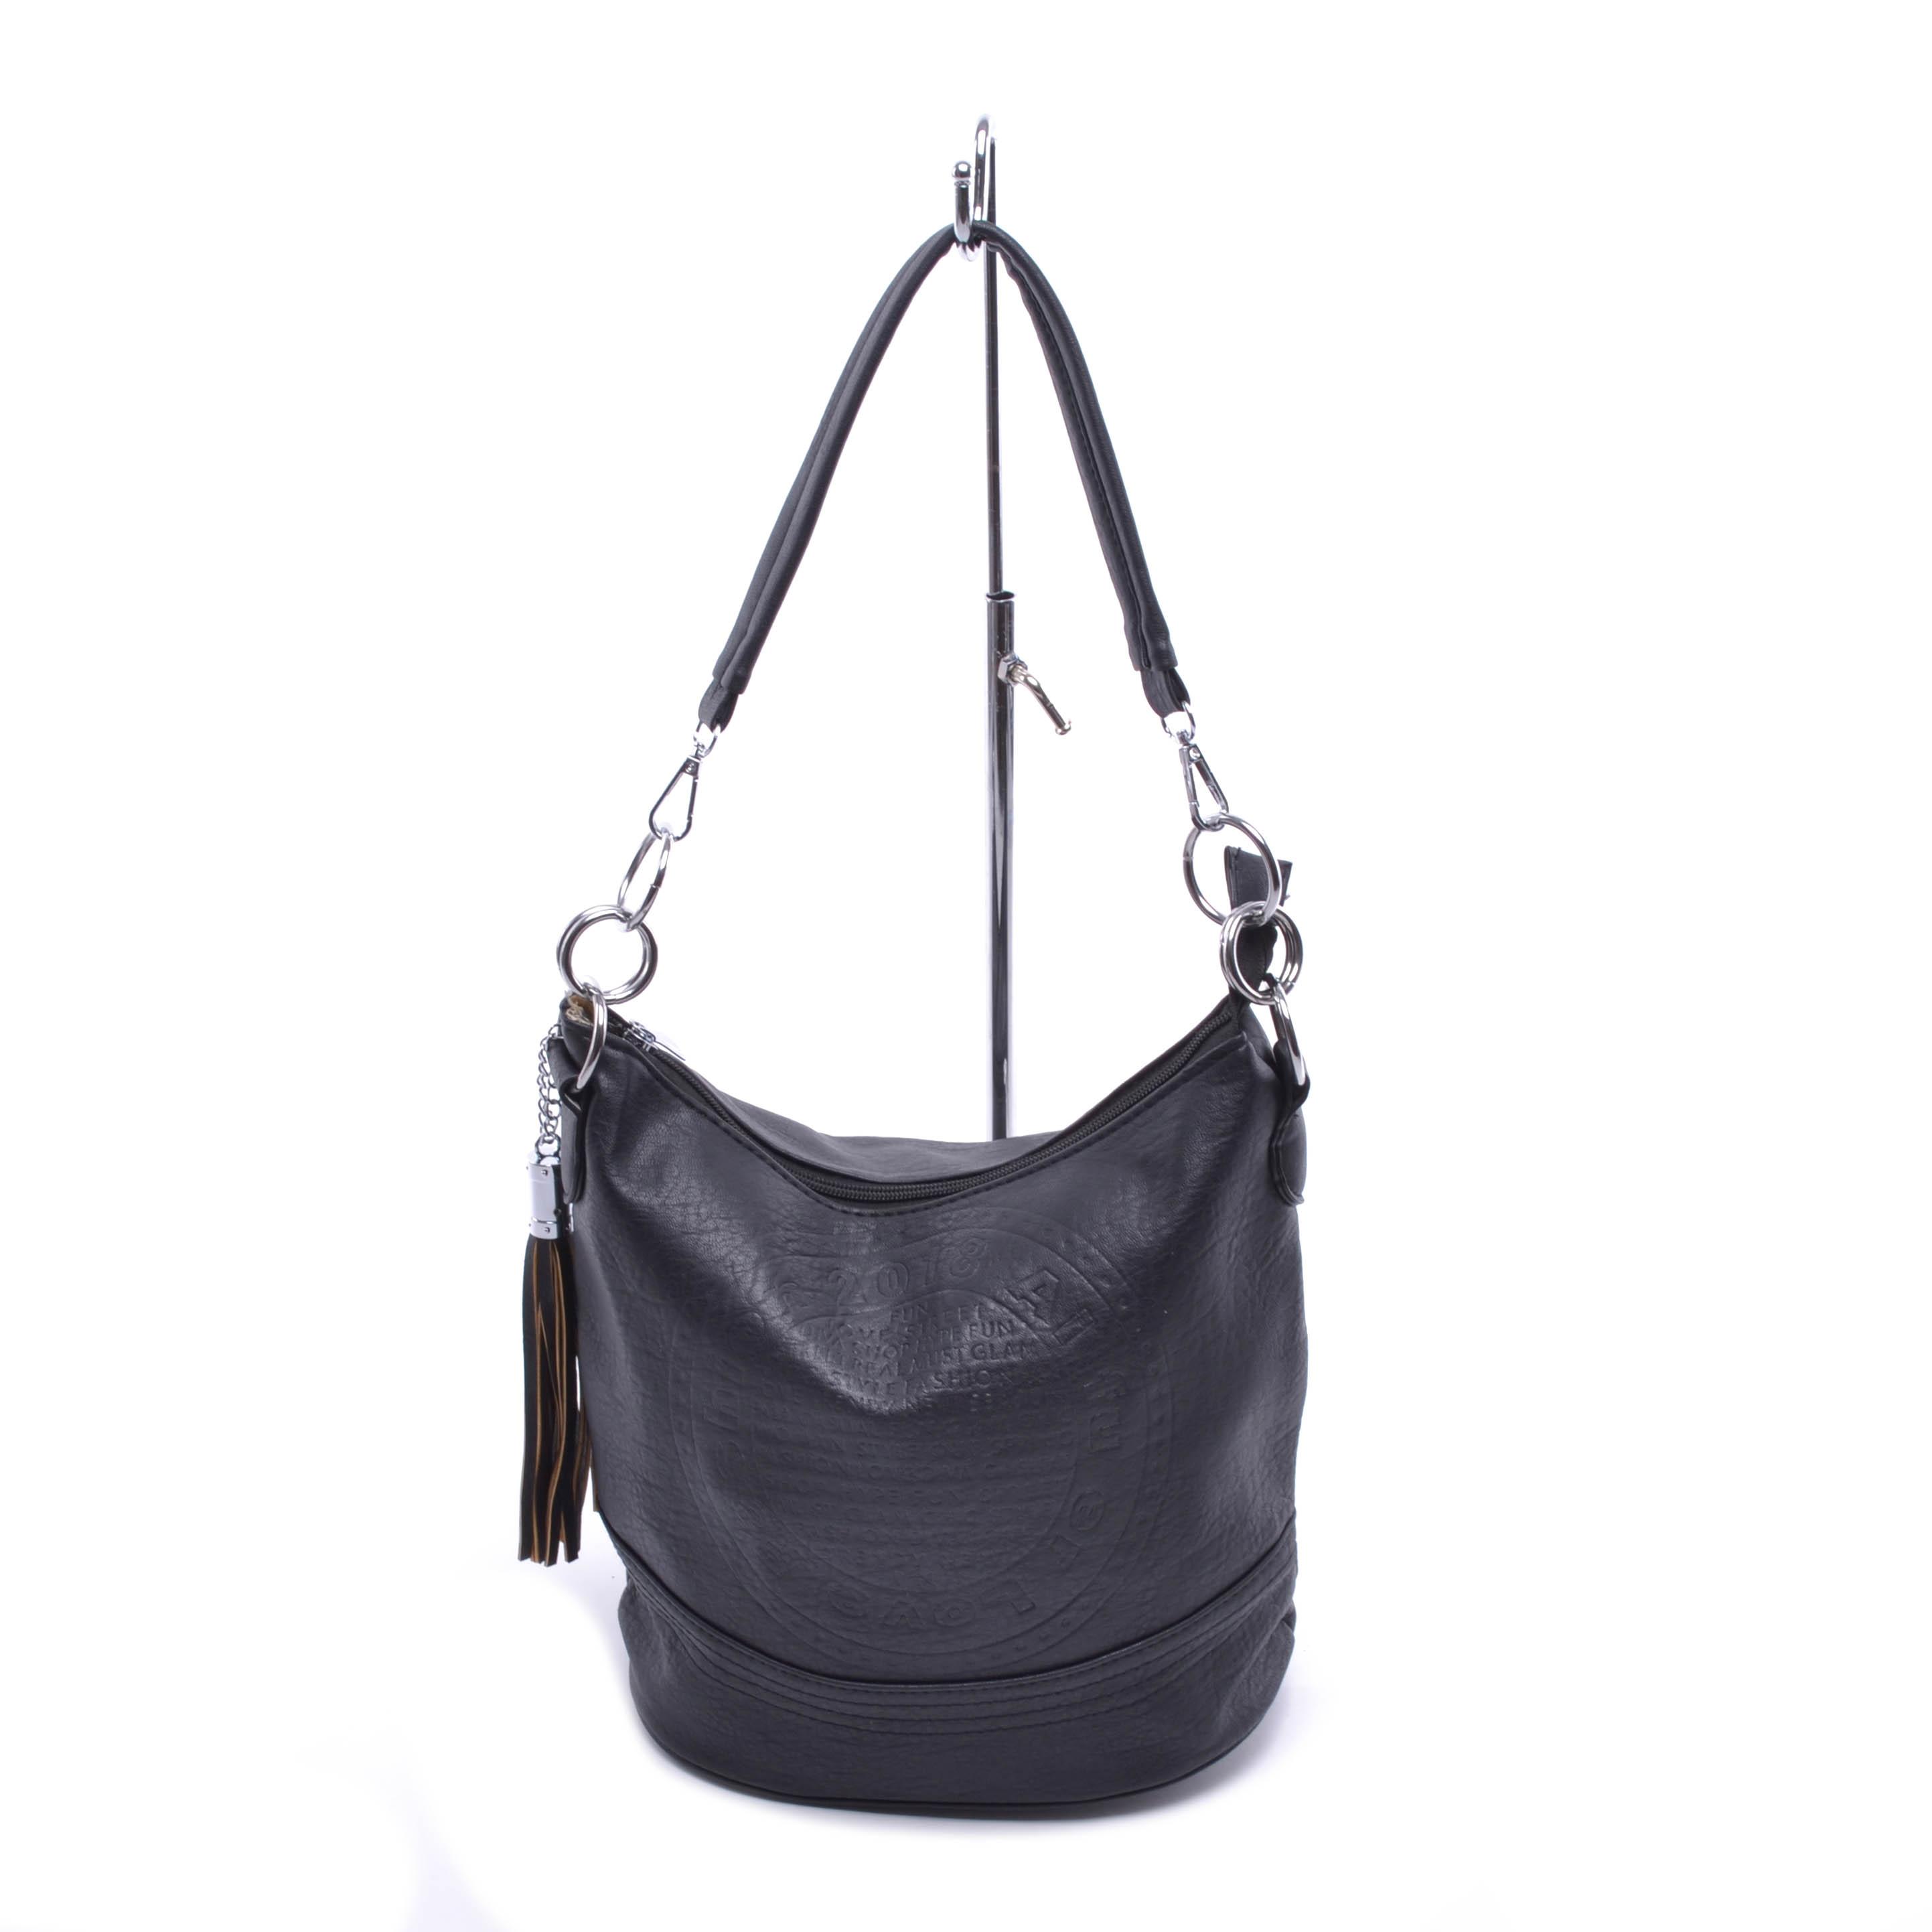 Fekete Női Műbőr Válltáska - Válltáskák - Táska webáruház - Minőségi táskák  mindenkinek 1a9480a456